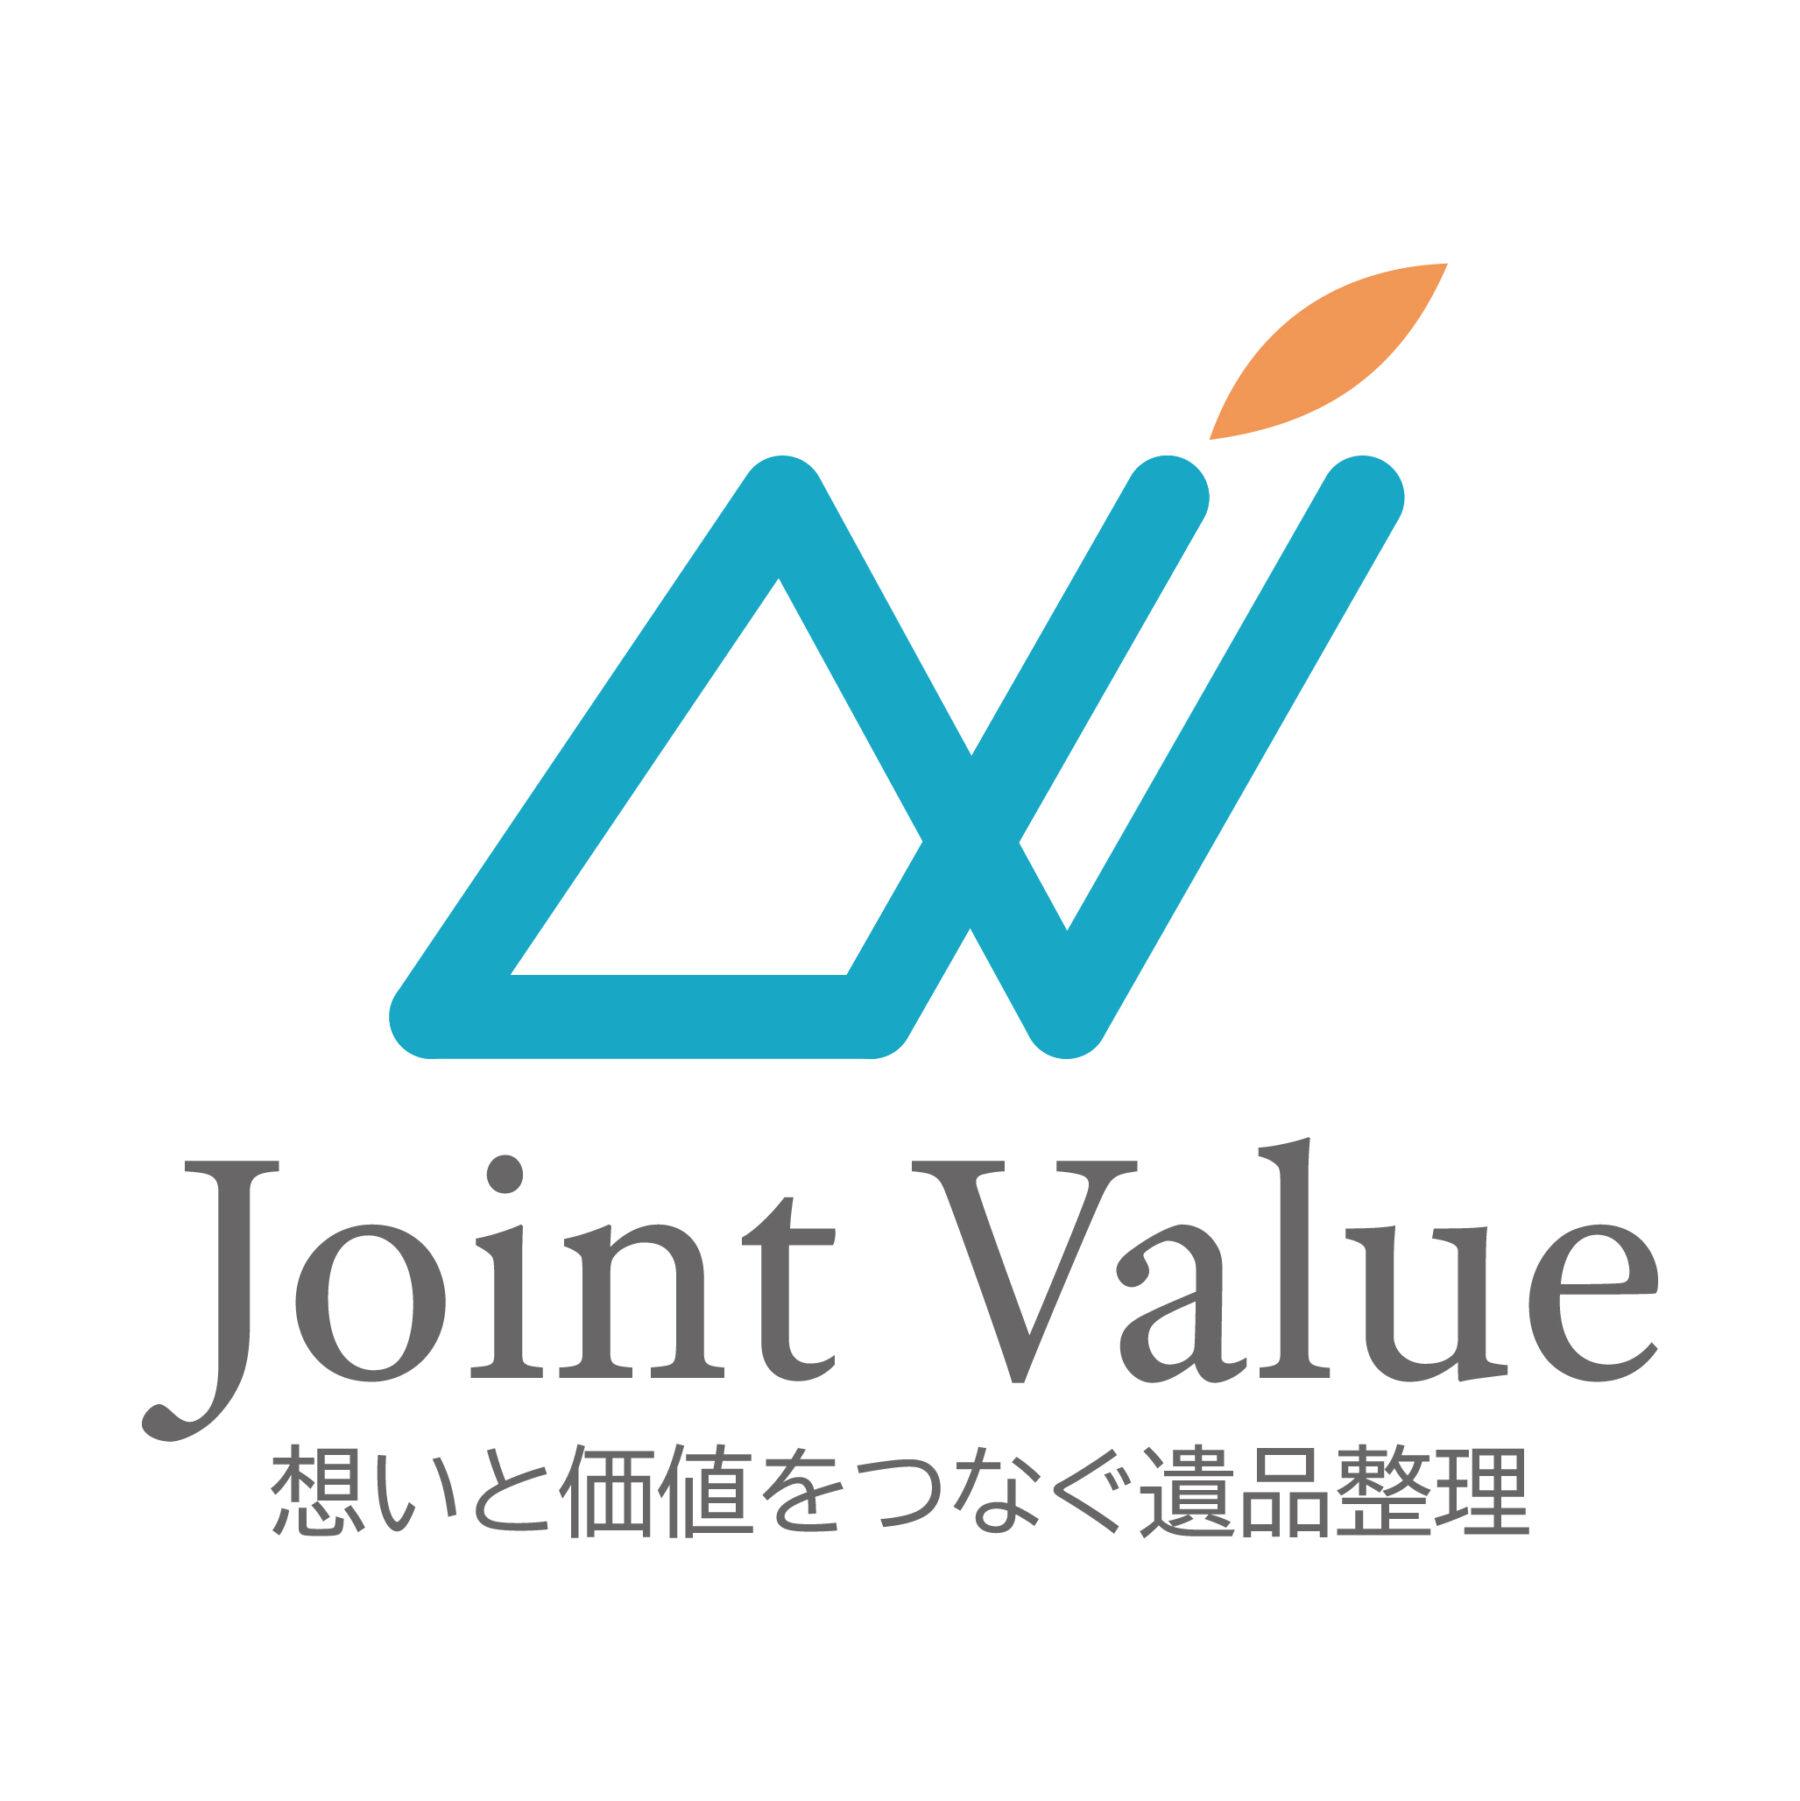 株式会社ジョイントバリューの公式サイトを公開しました。